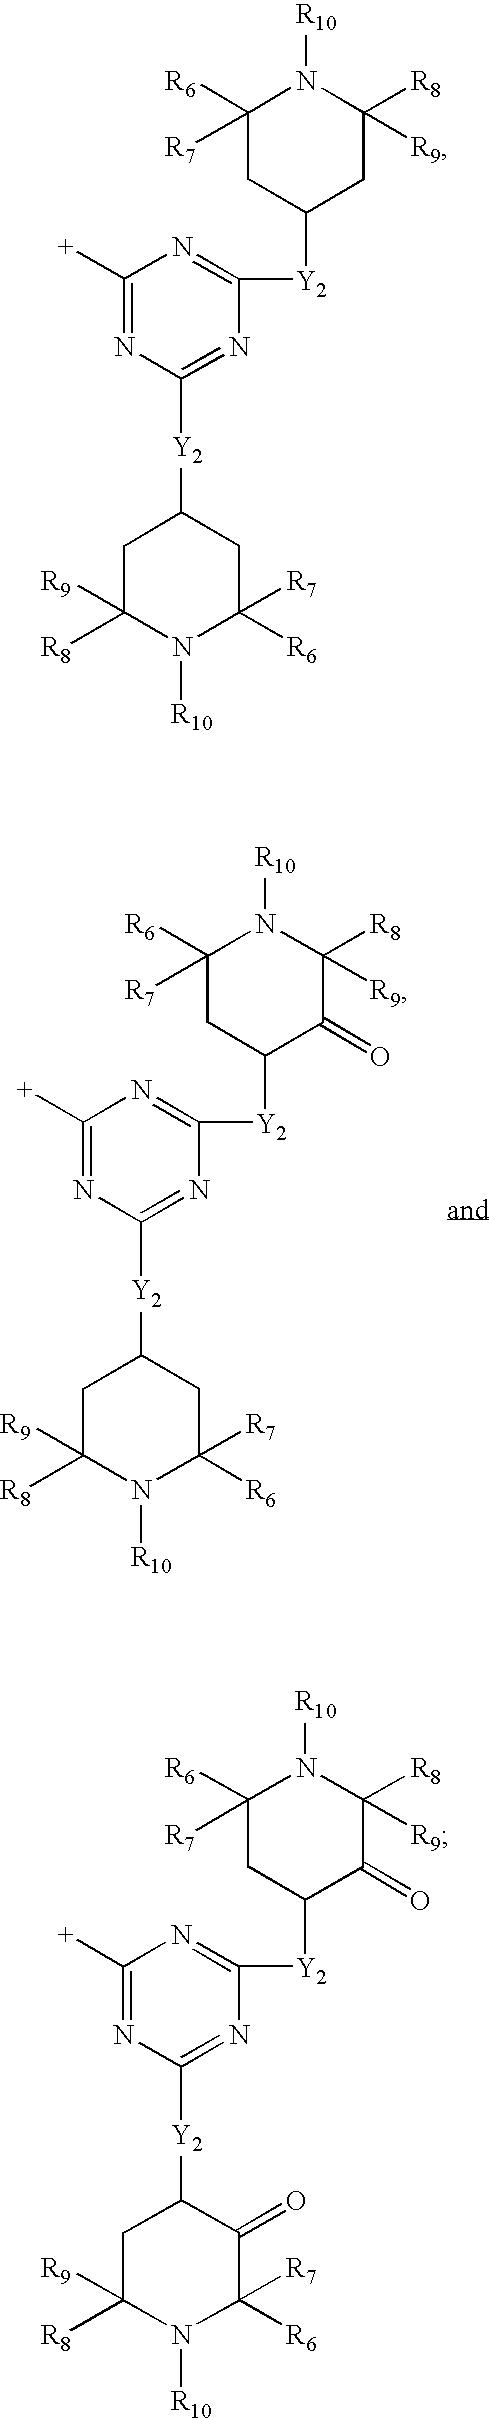 Figure US20050288400A1-20051229-C00019